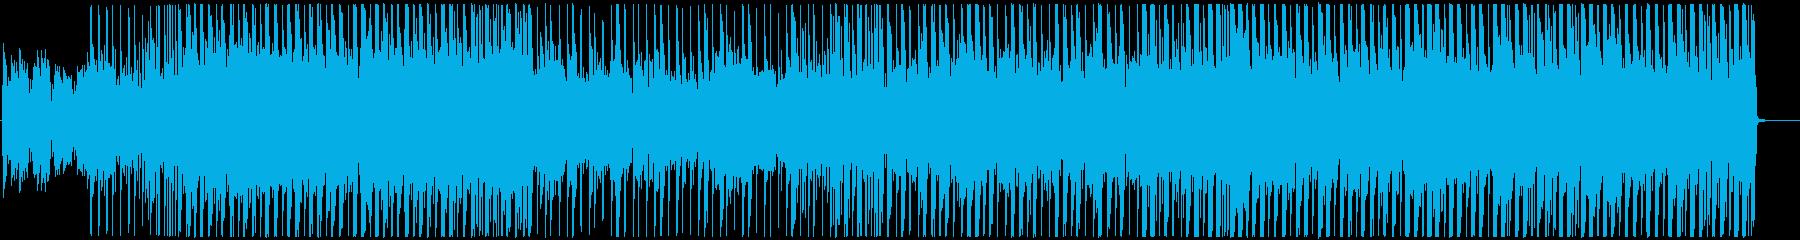 明るいレゲエ調 ガールズK-POPの再生済みの波形